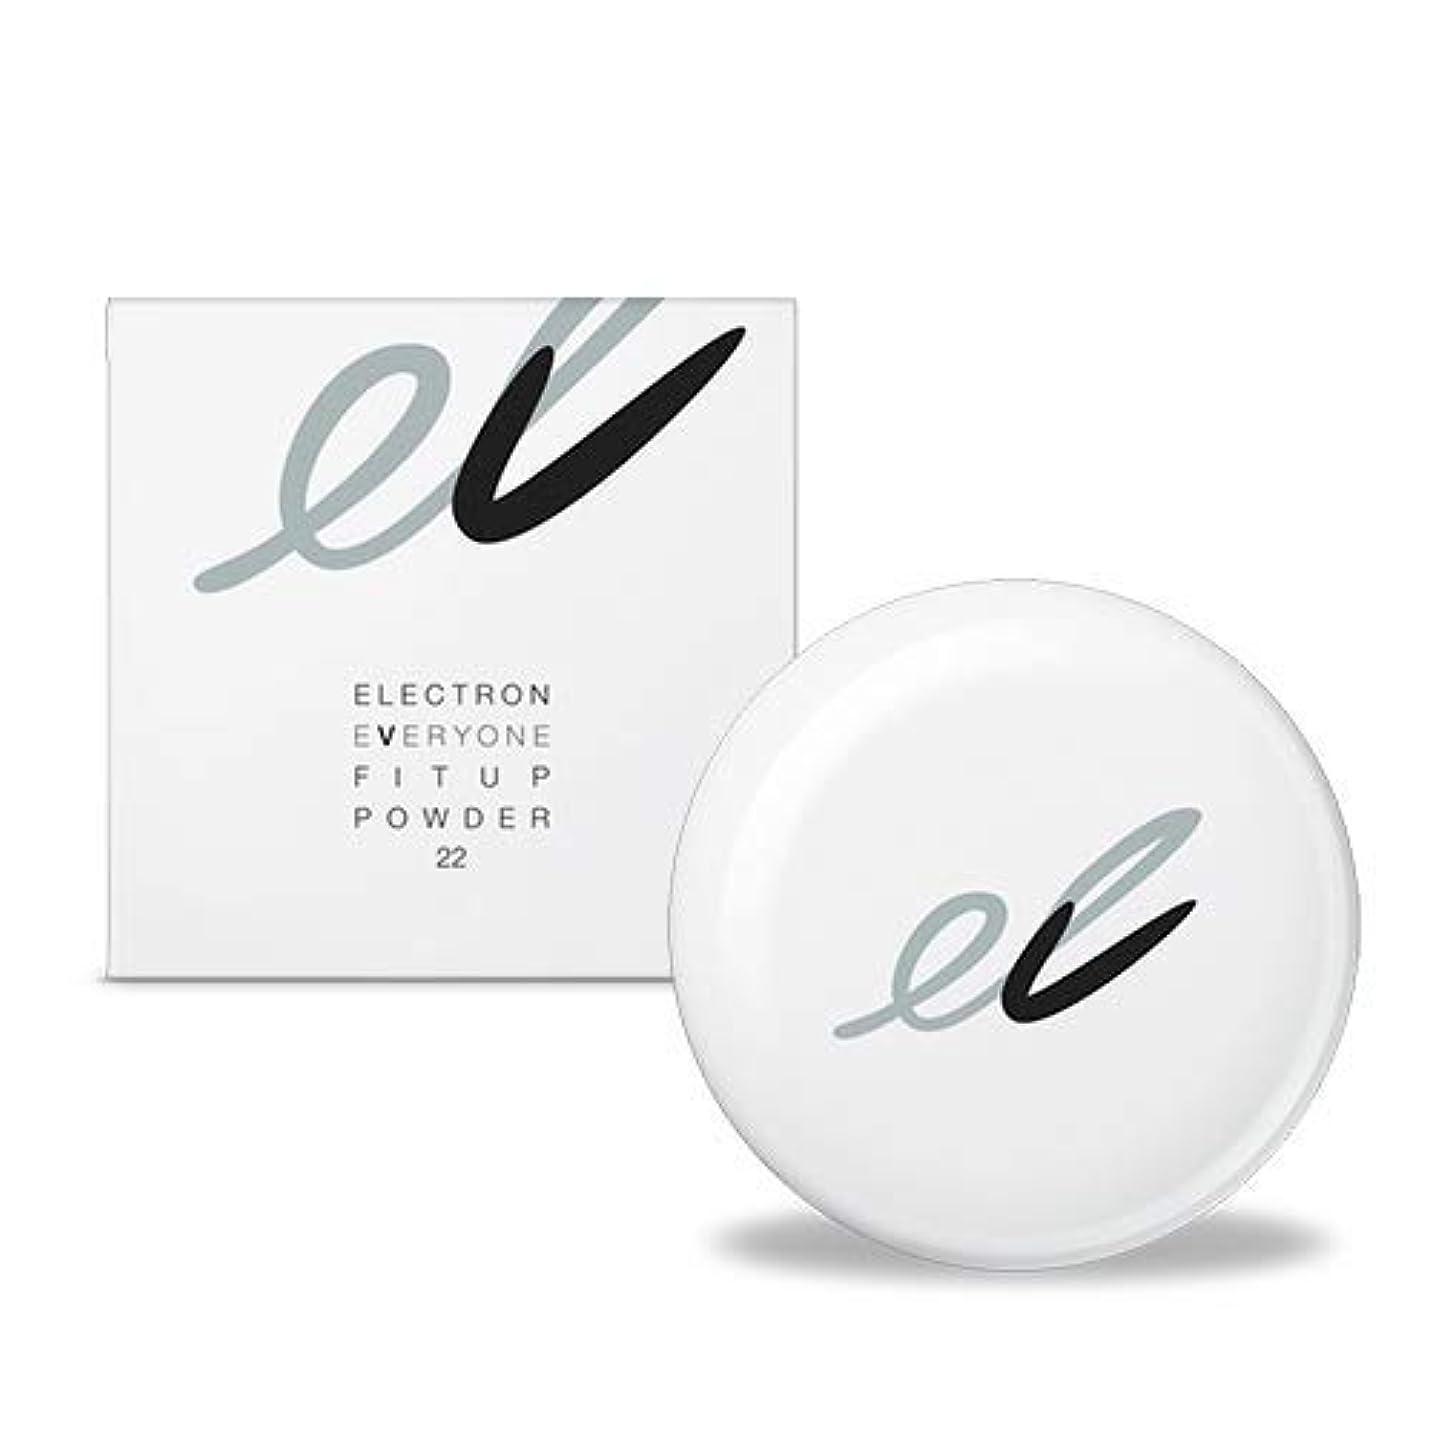 ポンプコックバスト【公式】 ELECTRON EVERYONE エレクトロンエブリワン FIT UP POWDER (ファンデーション) 2043ナチュラル 14g